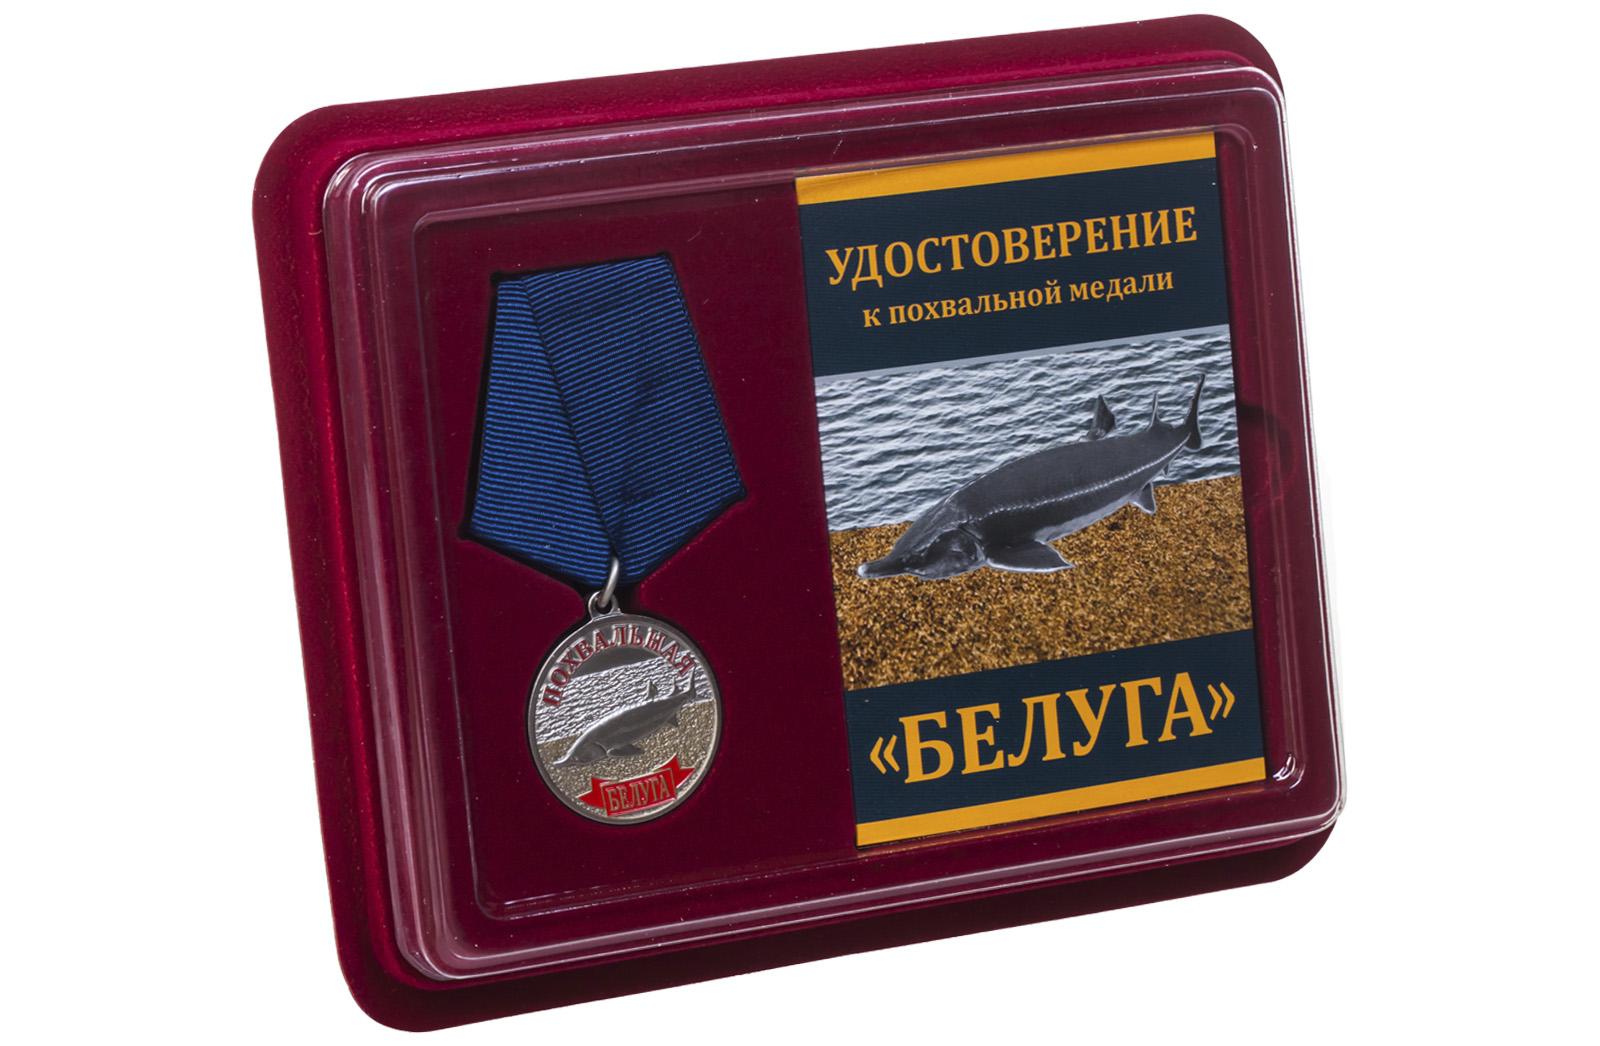 Похвальная медаль Белуга - в футляре с удостоверением